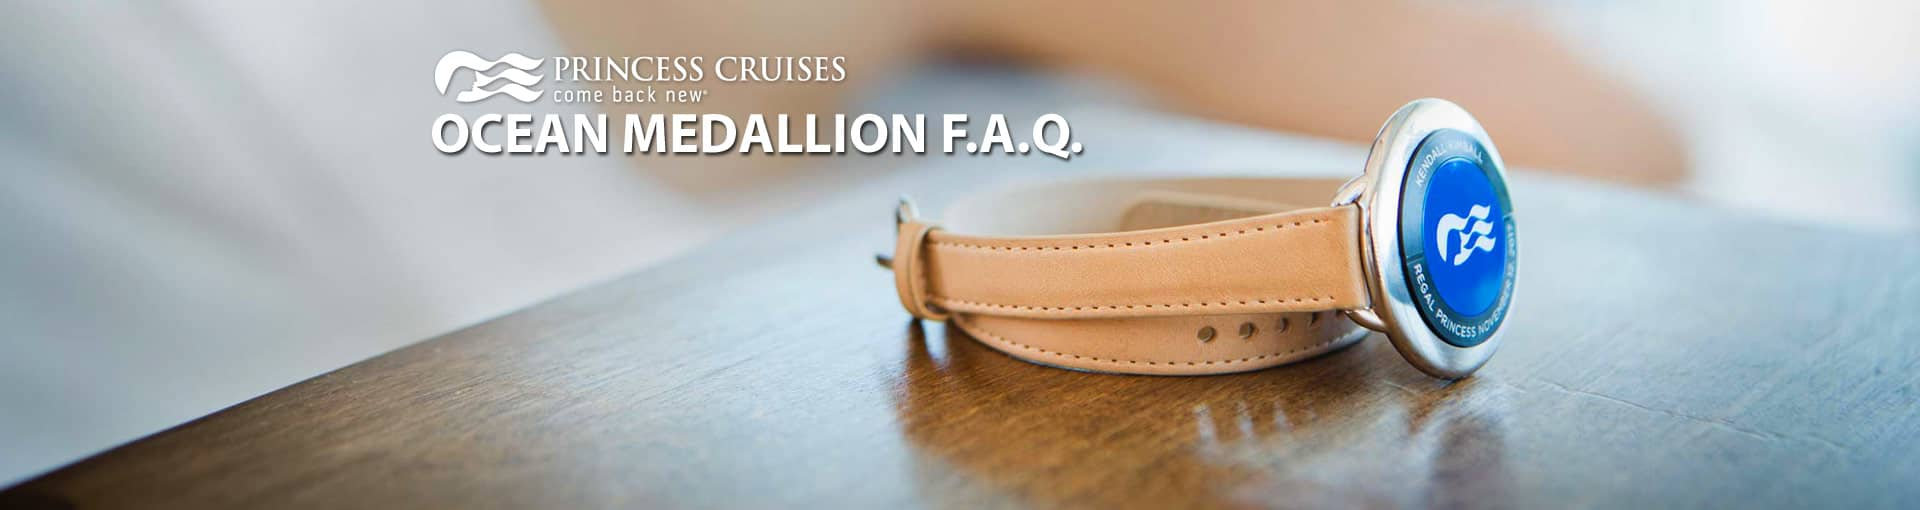 Princess Cruises - Ocean Medallion FAQ